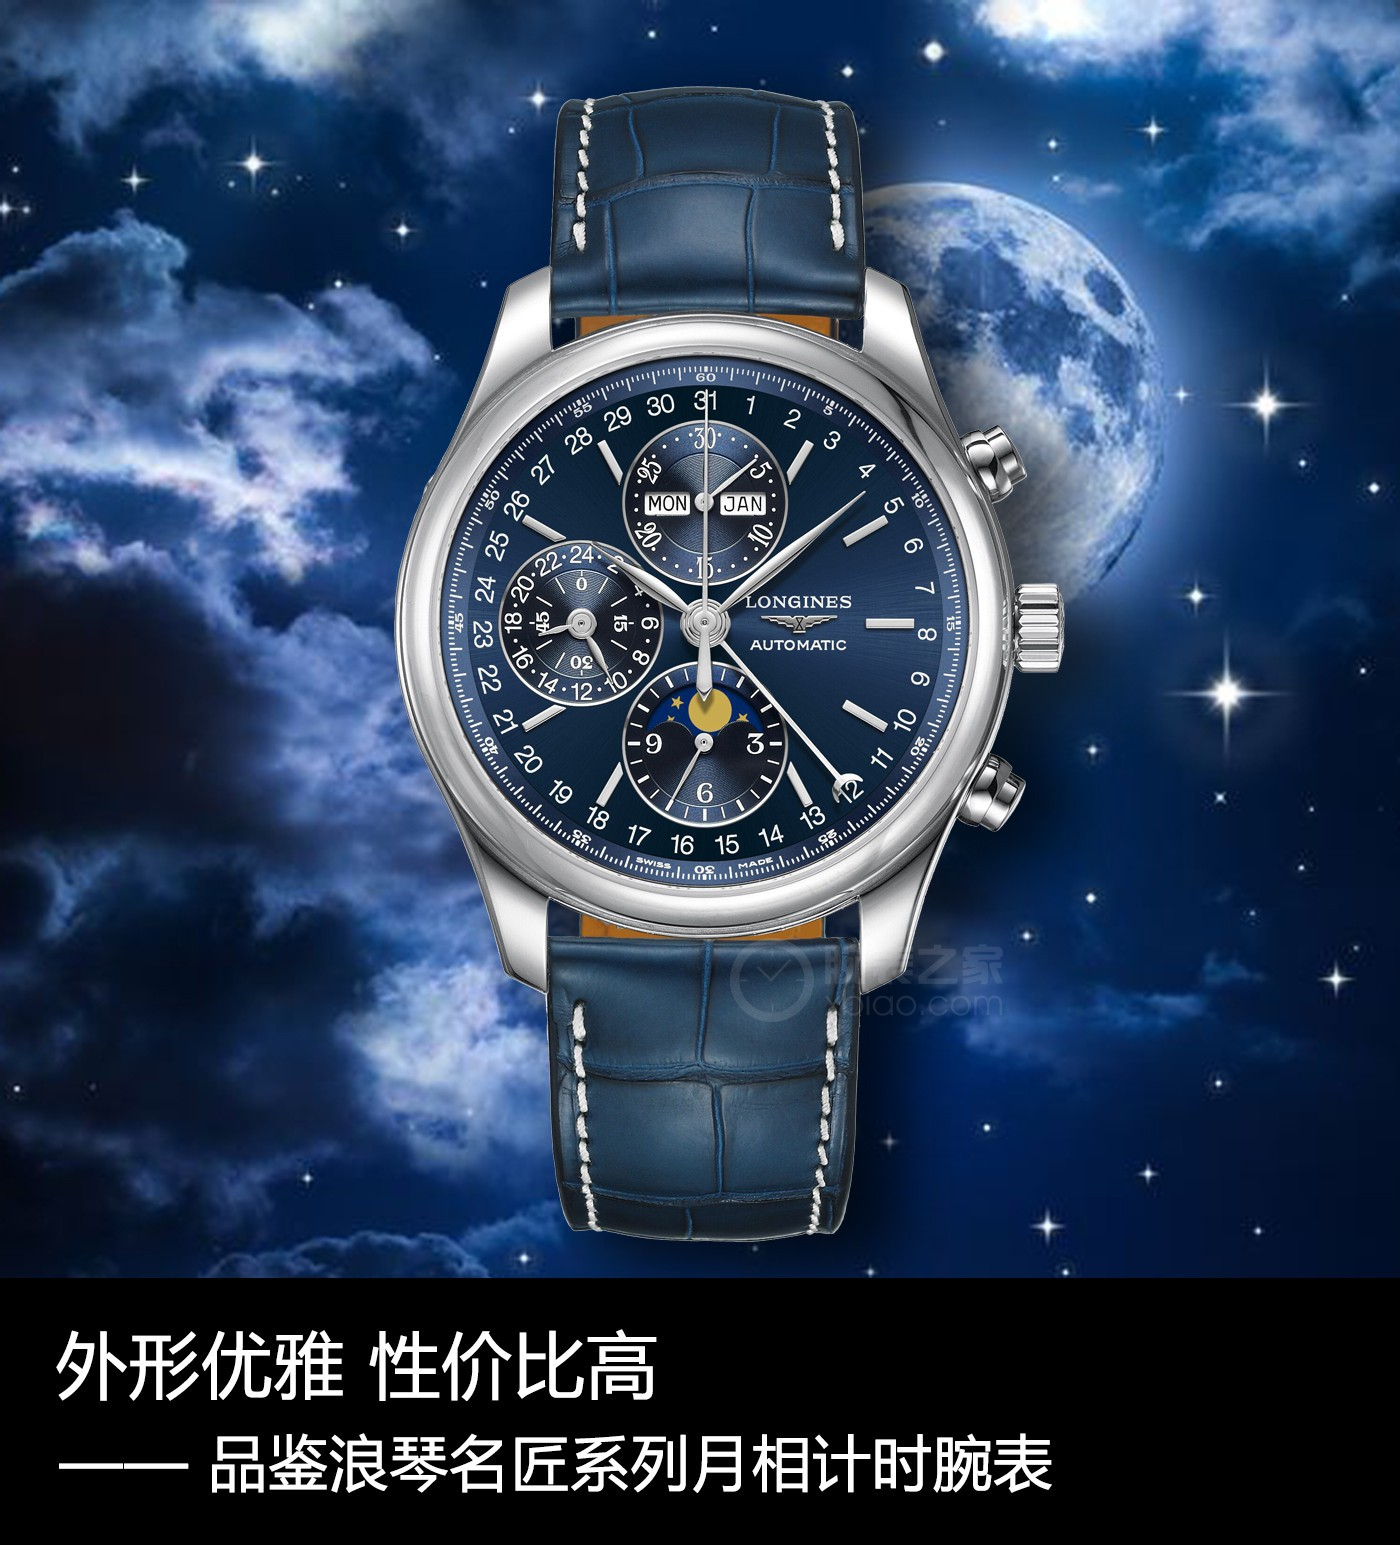 品鉴浪琴名匠系列月相计时腕表